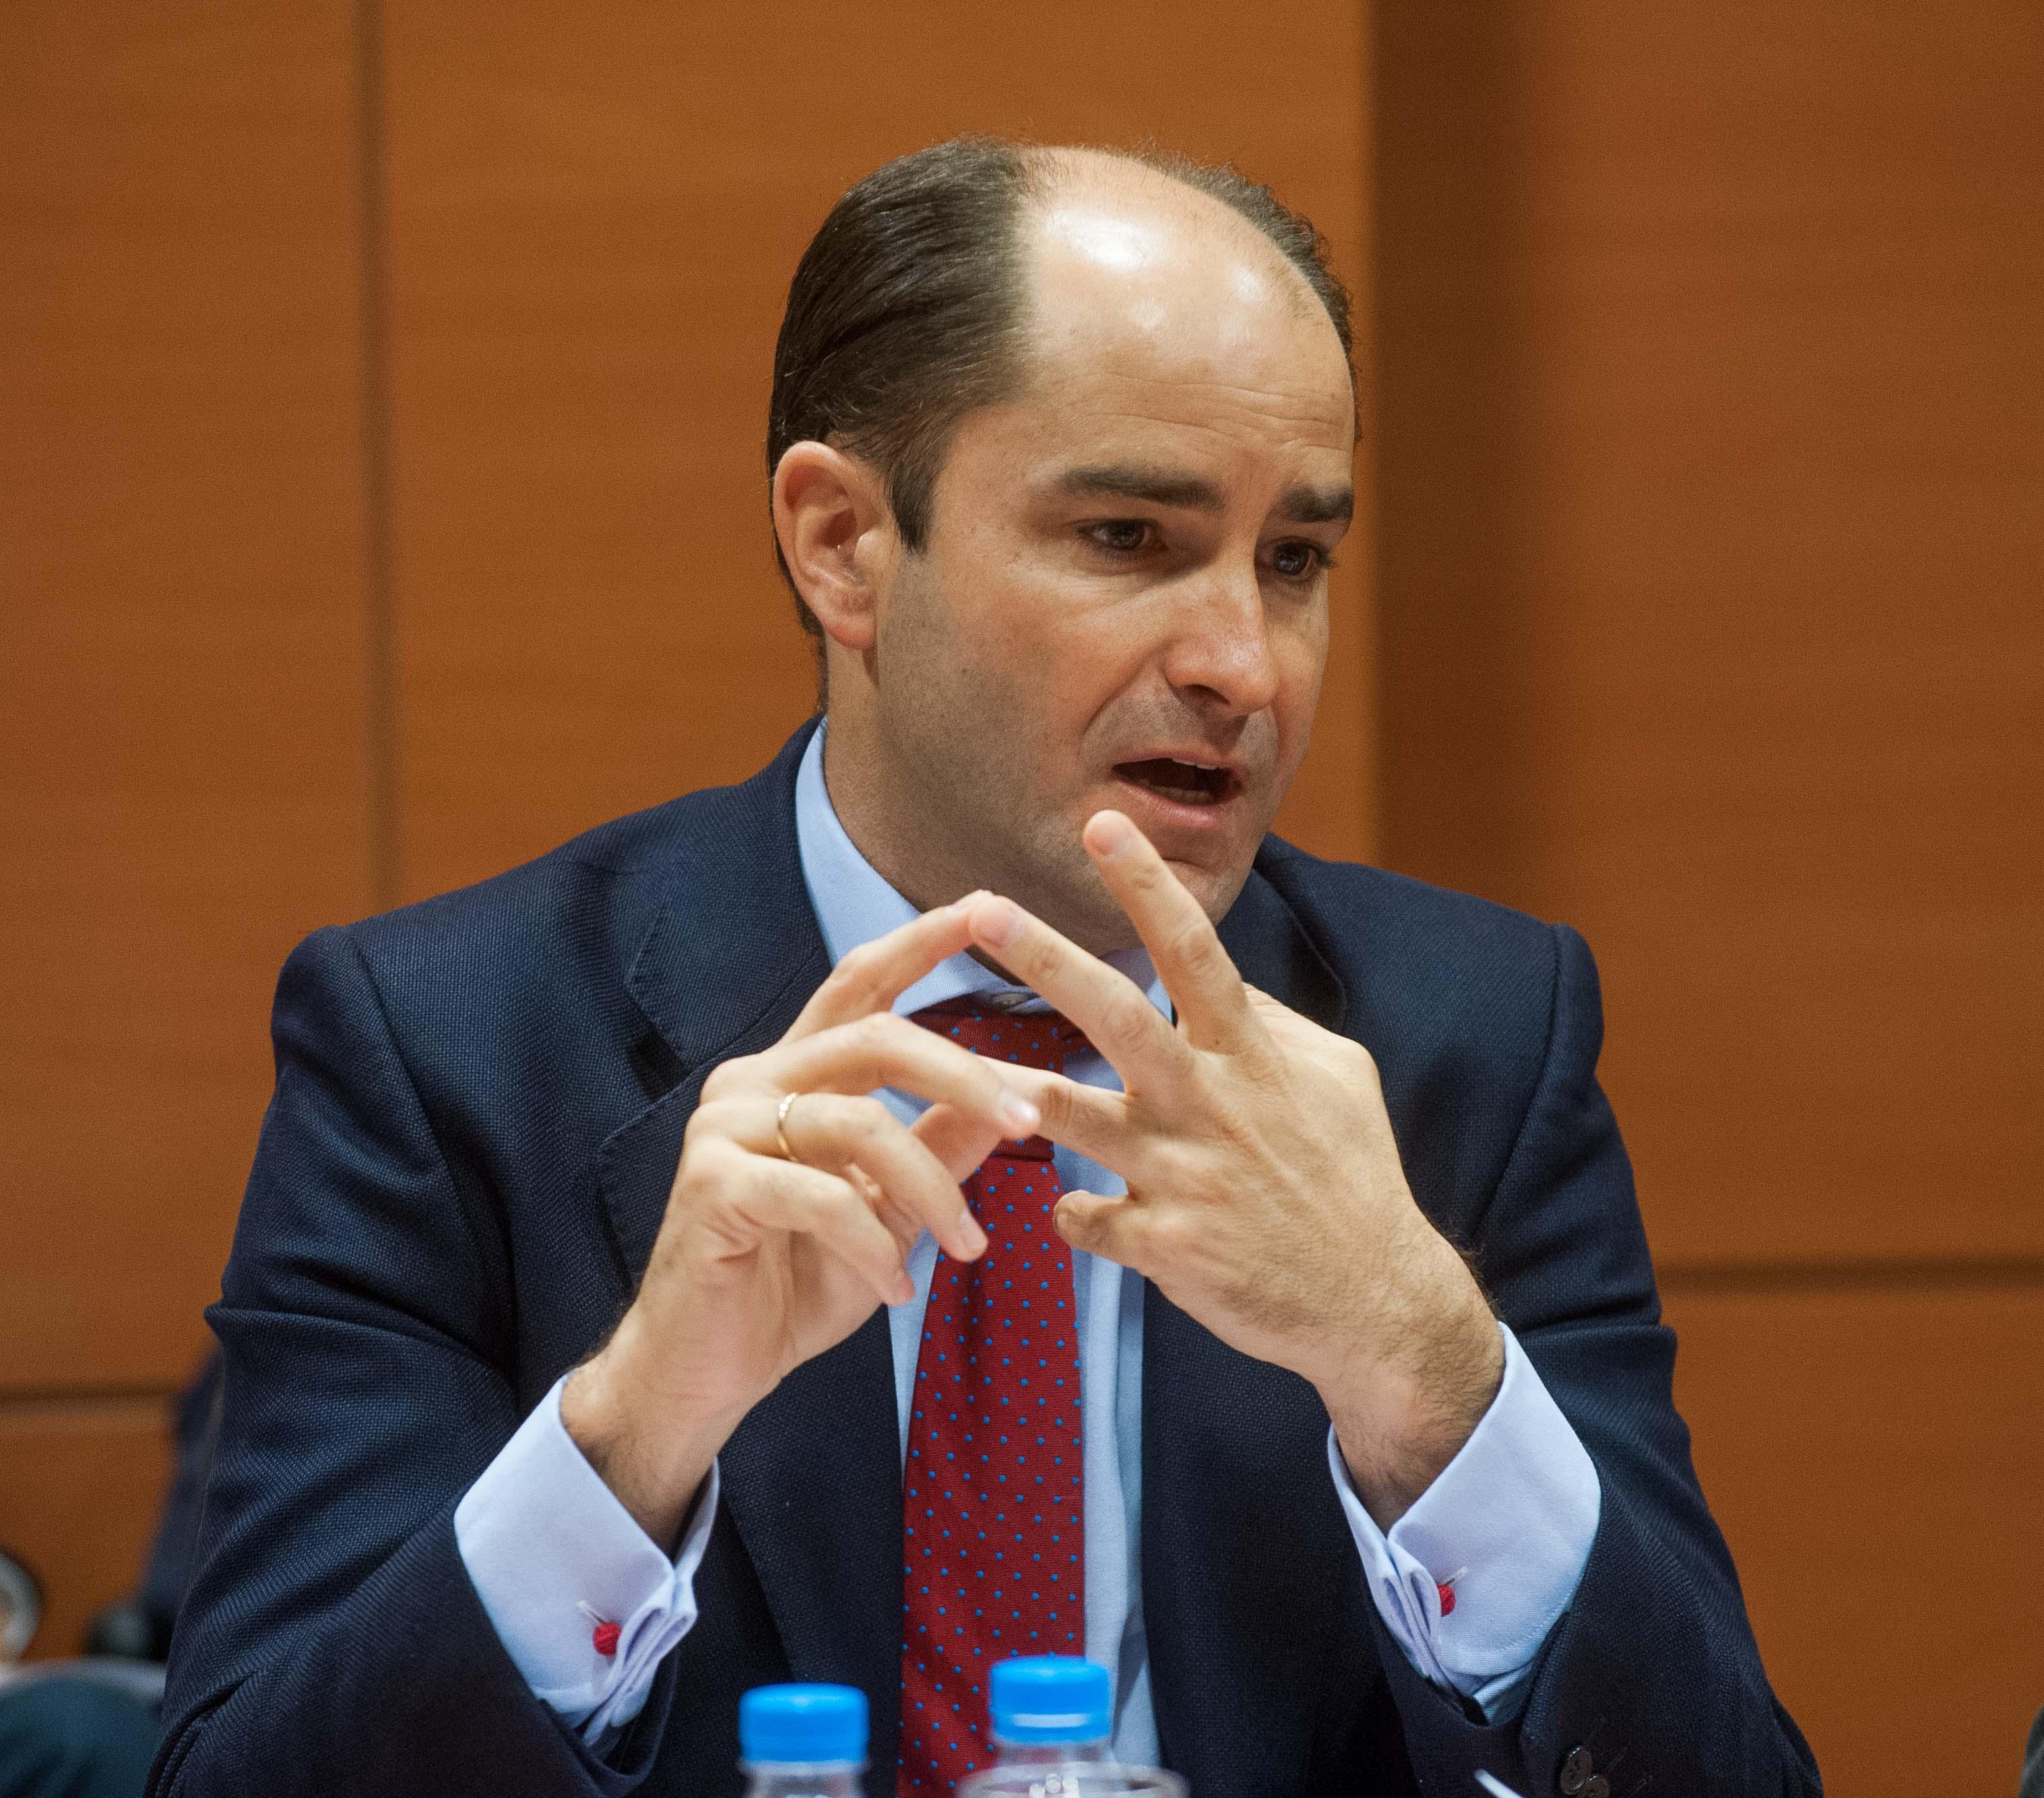 Juan Pablo Riesgo, Secretario de Estado de Empleo, en el debate sobre la reforma laboral durante la Segunda Jornada del Curso de Economía para Periodistas Organizado por APIE con la colaboración del Banco Popular.